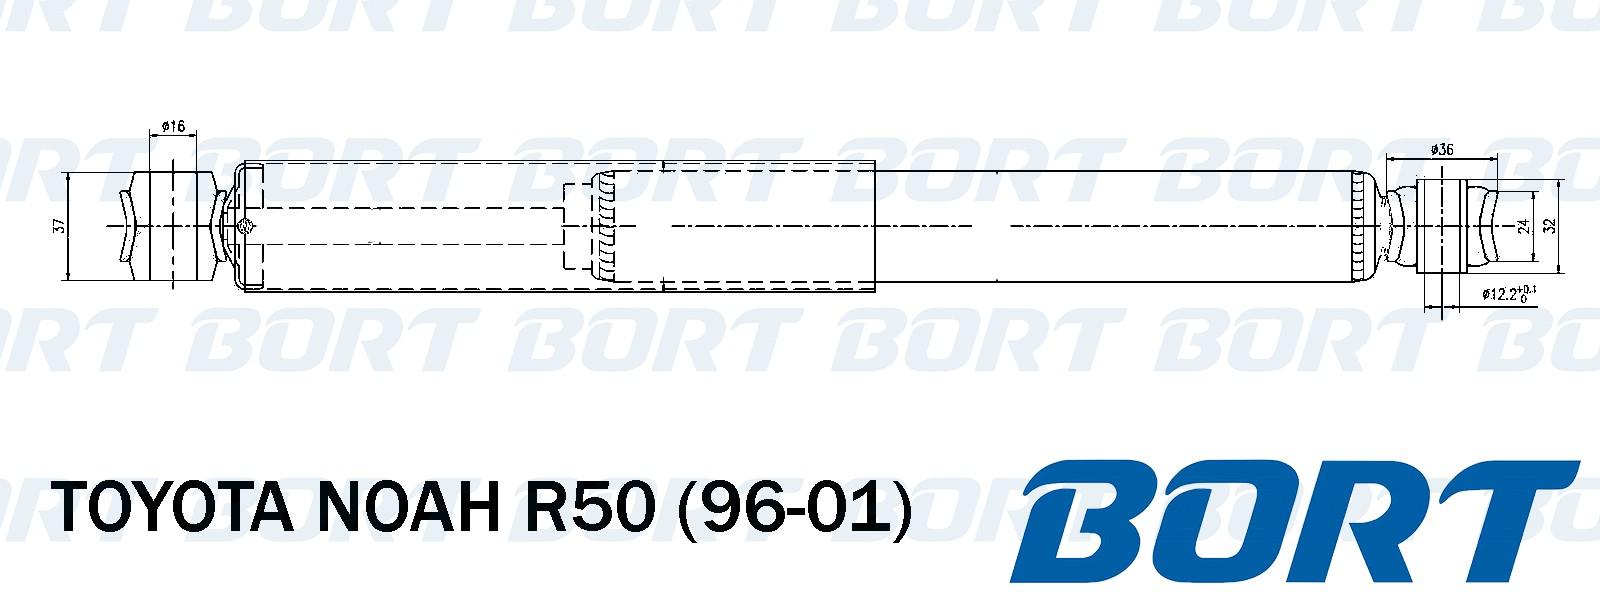 Амортизатор газомасляный задний. BORT (G11238256)